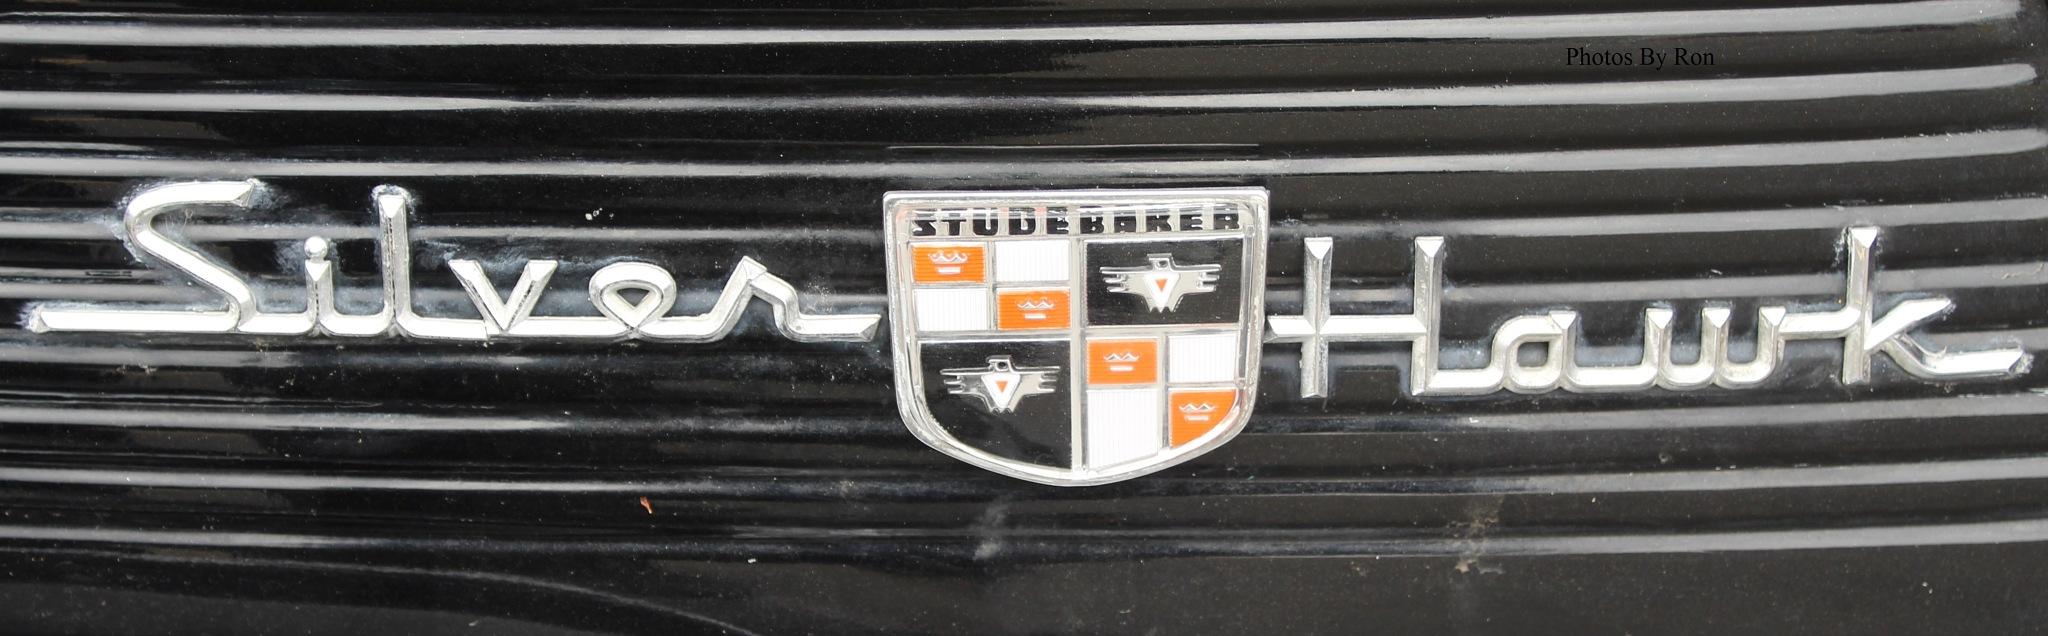 """""""1957 Studebaker Silver Hawk Logo Plate"""" by Ron Berkley"""